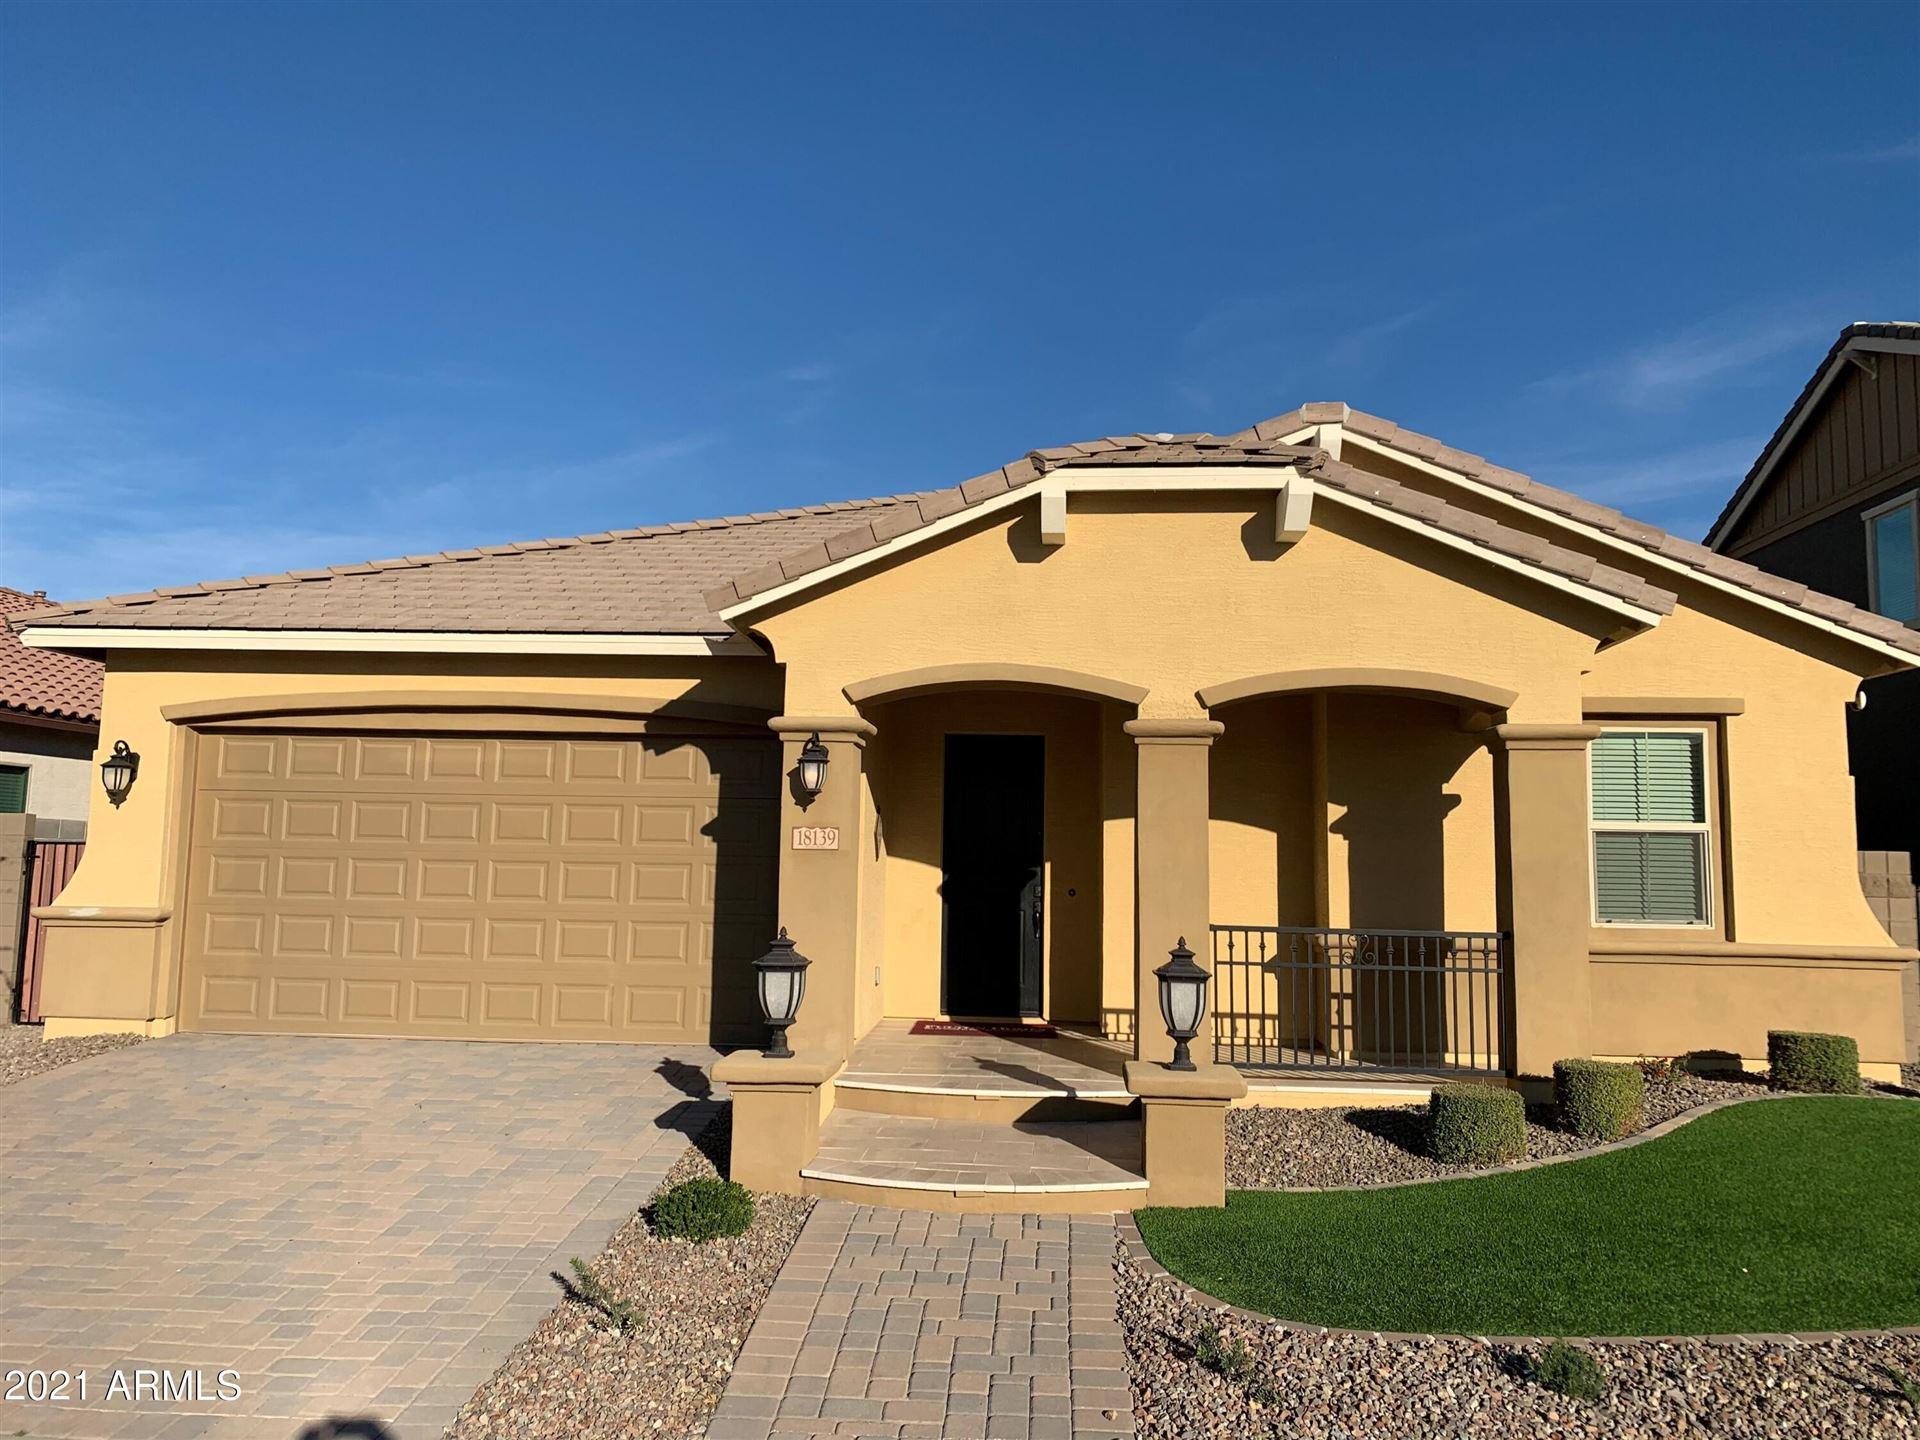 Photo for 18139 N TARA Lane, Maricopa, AZ 85138 (MLS # 6193901)